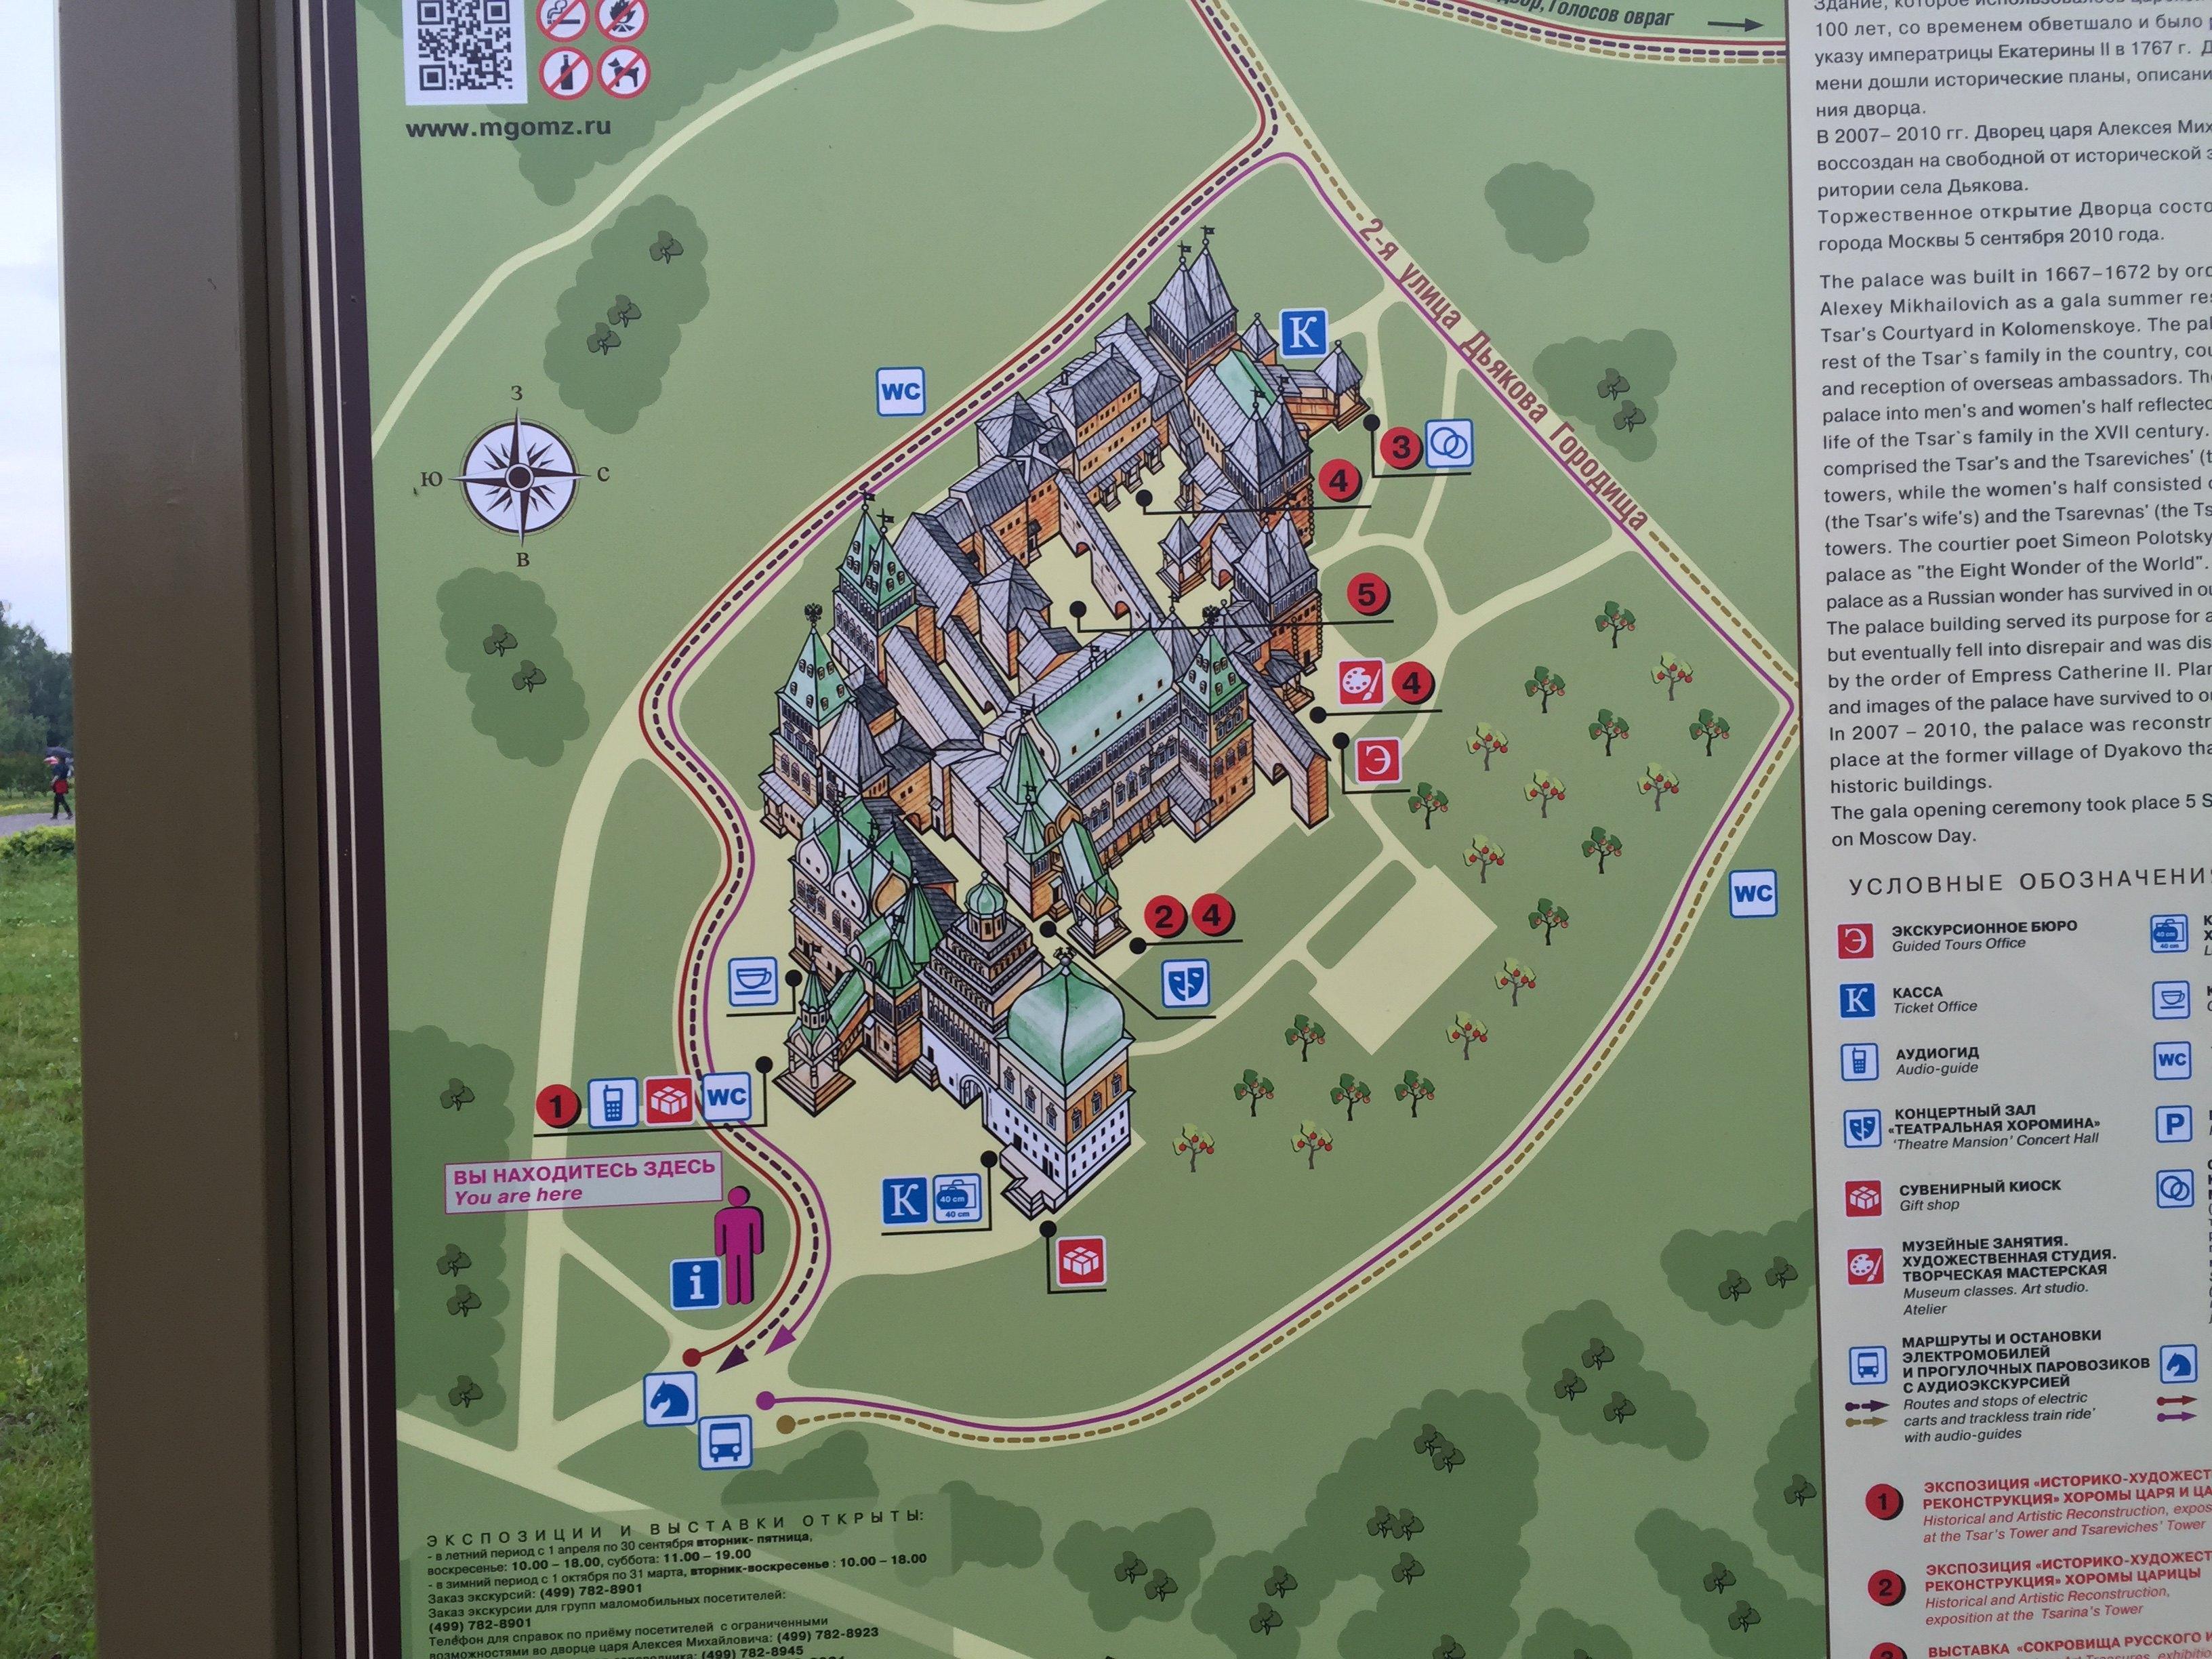 右岸的皇家庄园,庄园占地面积达390公顷,风景奇美,古木参天,郁郁葱葱